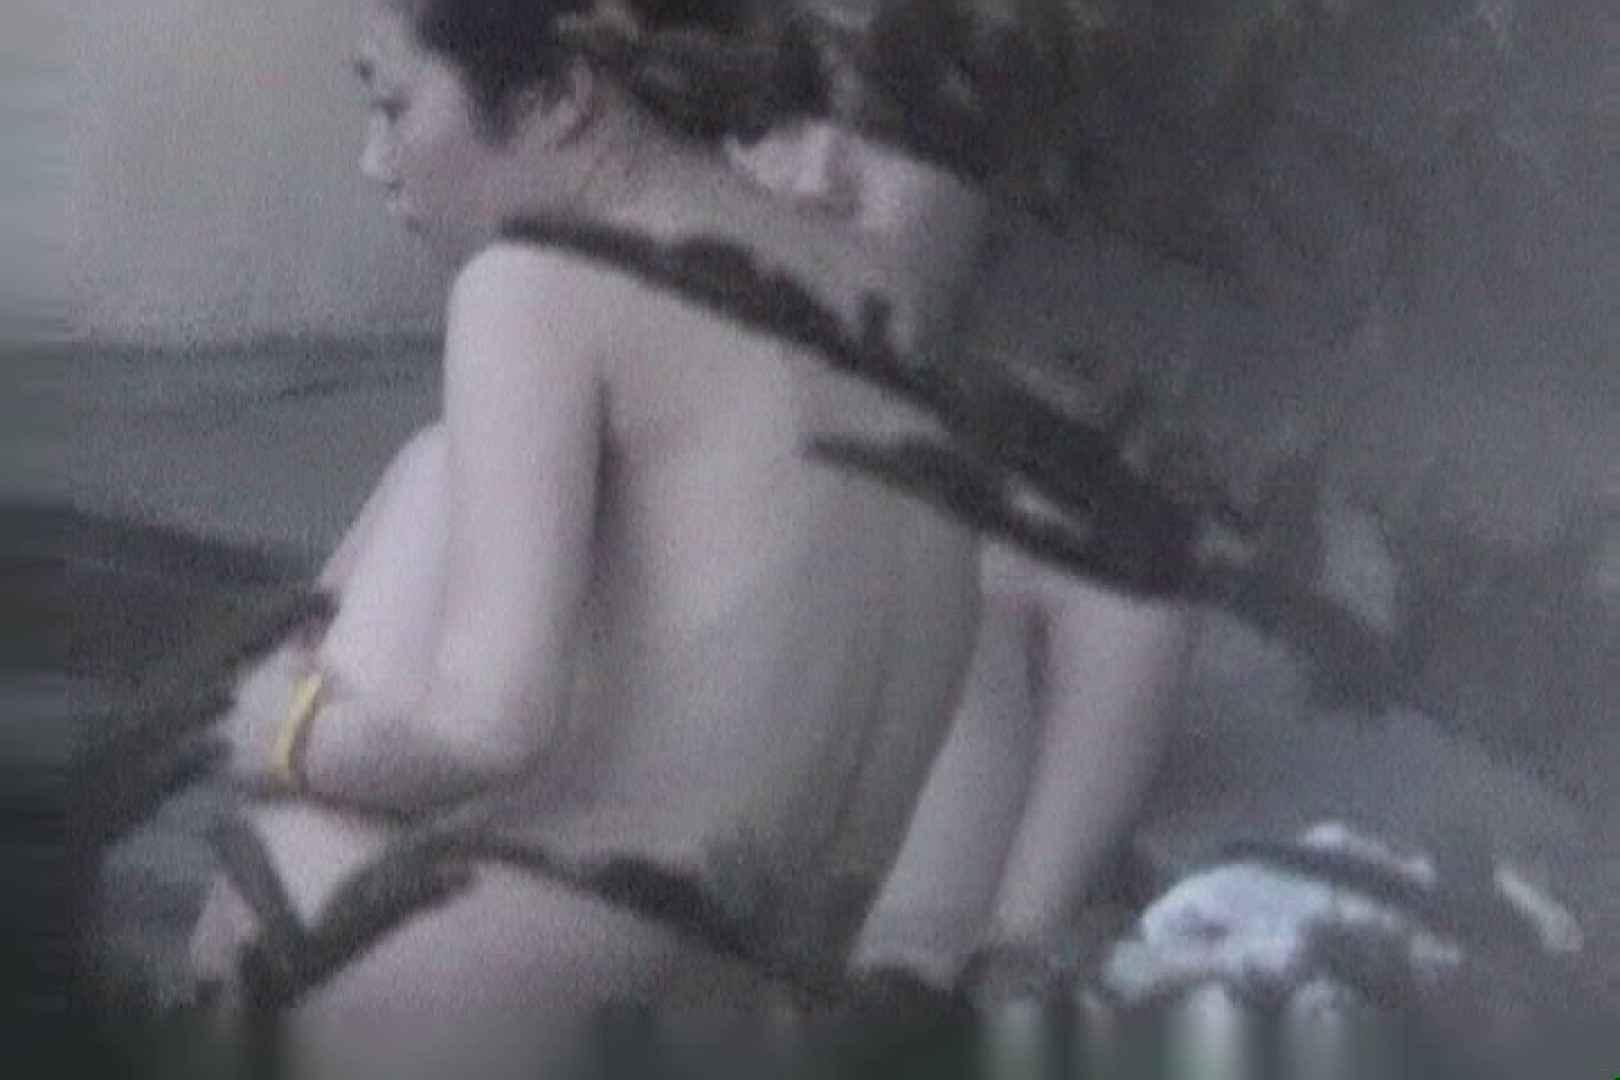 Aquaな露天風呂Vol.84【VIP限定】 OLのエロ生活 エロ画像 19連発 2